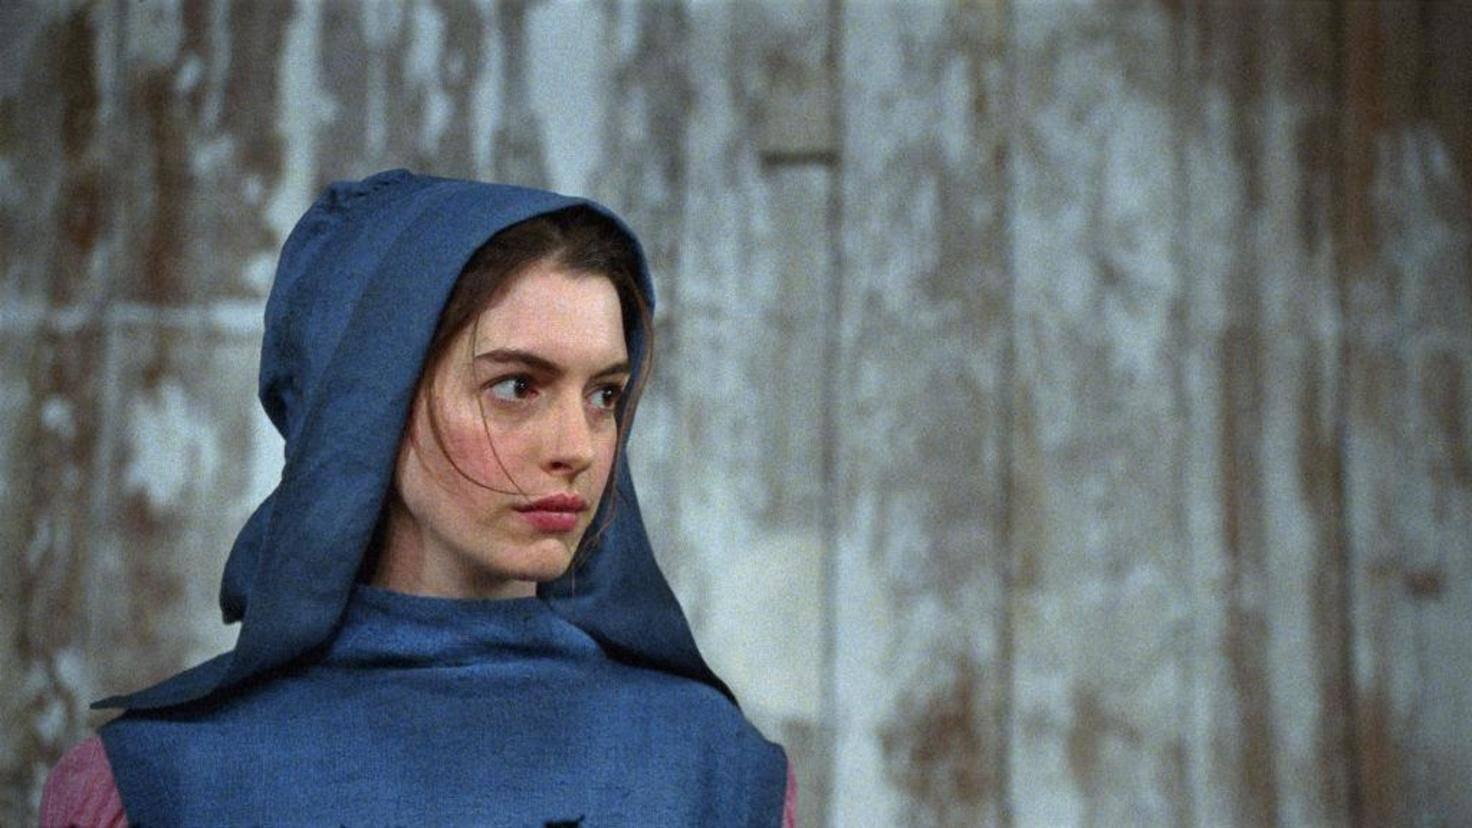 Auch Anne Hathaway wusste mit nur wenigen Minuten Screentime zu überzeugen.